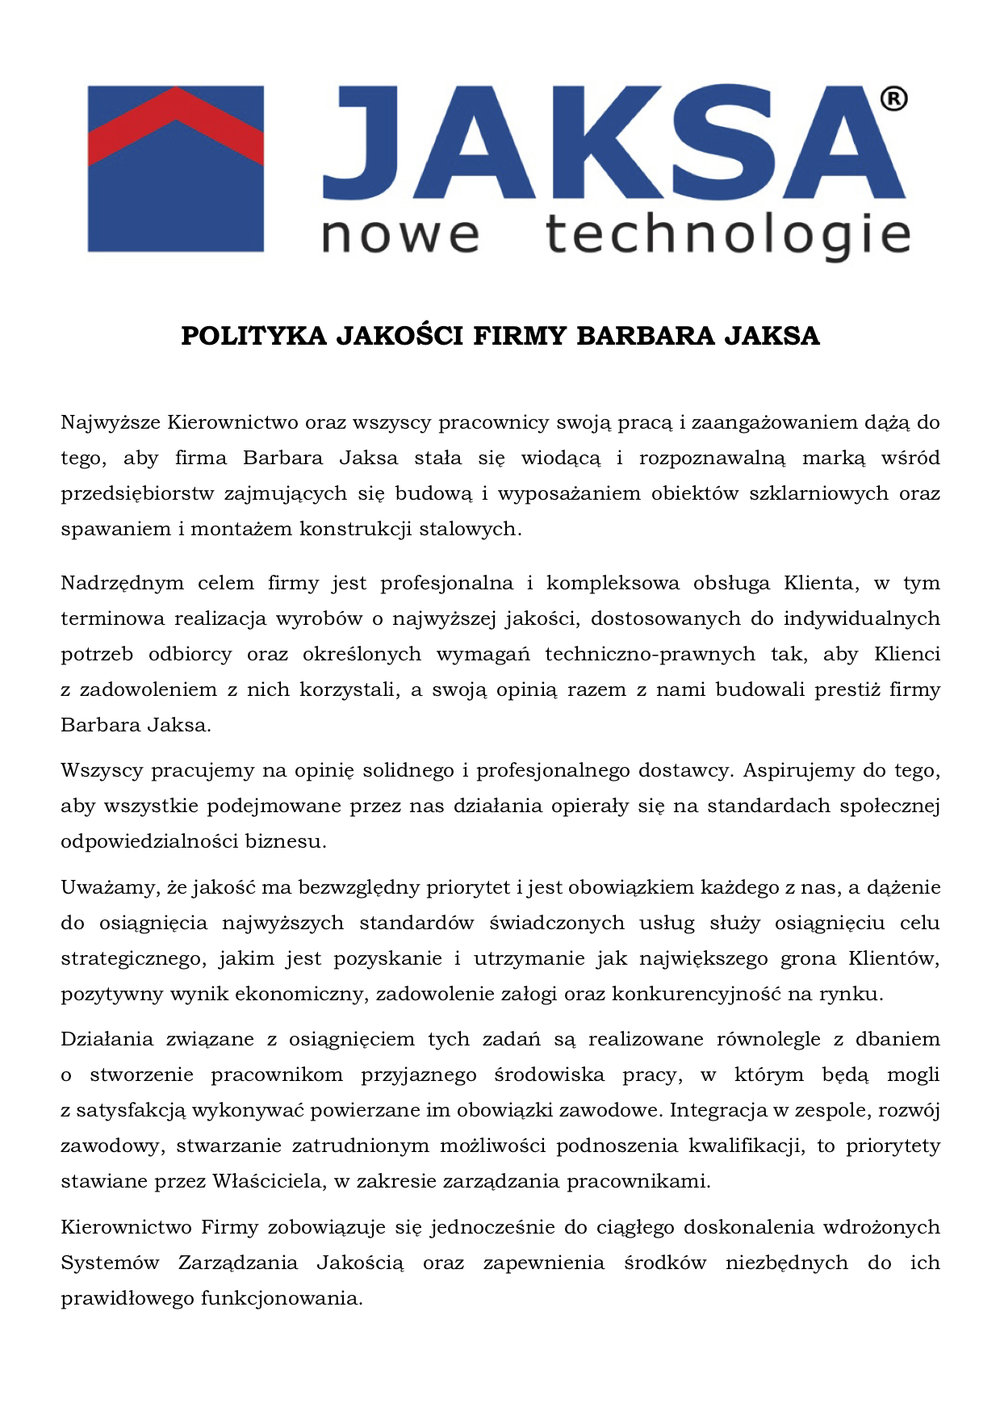 POLITYKA JAKOŚCI FIRMY BARBARA JAKSA.jpg